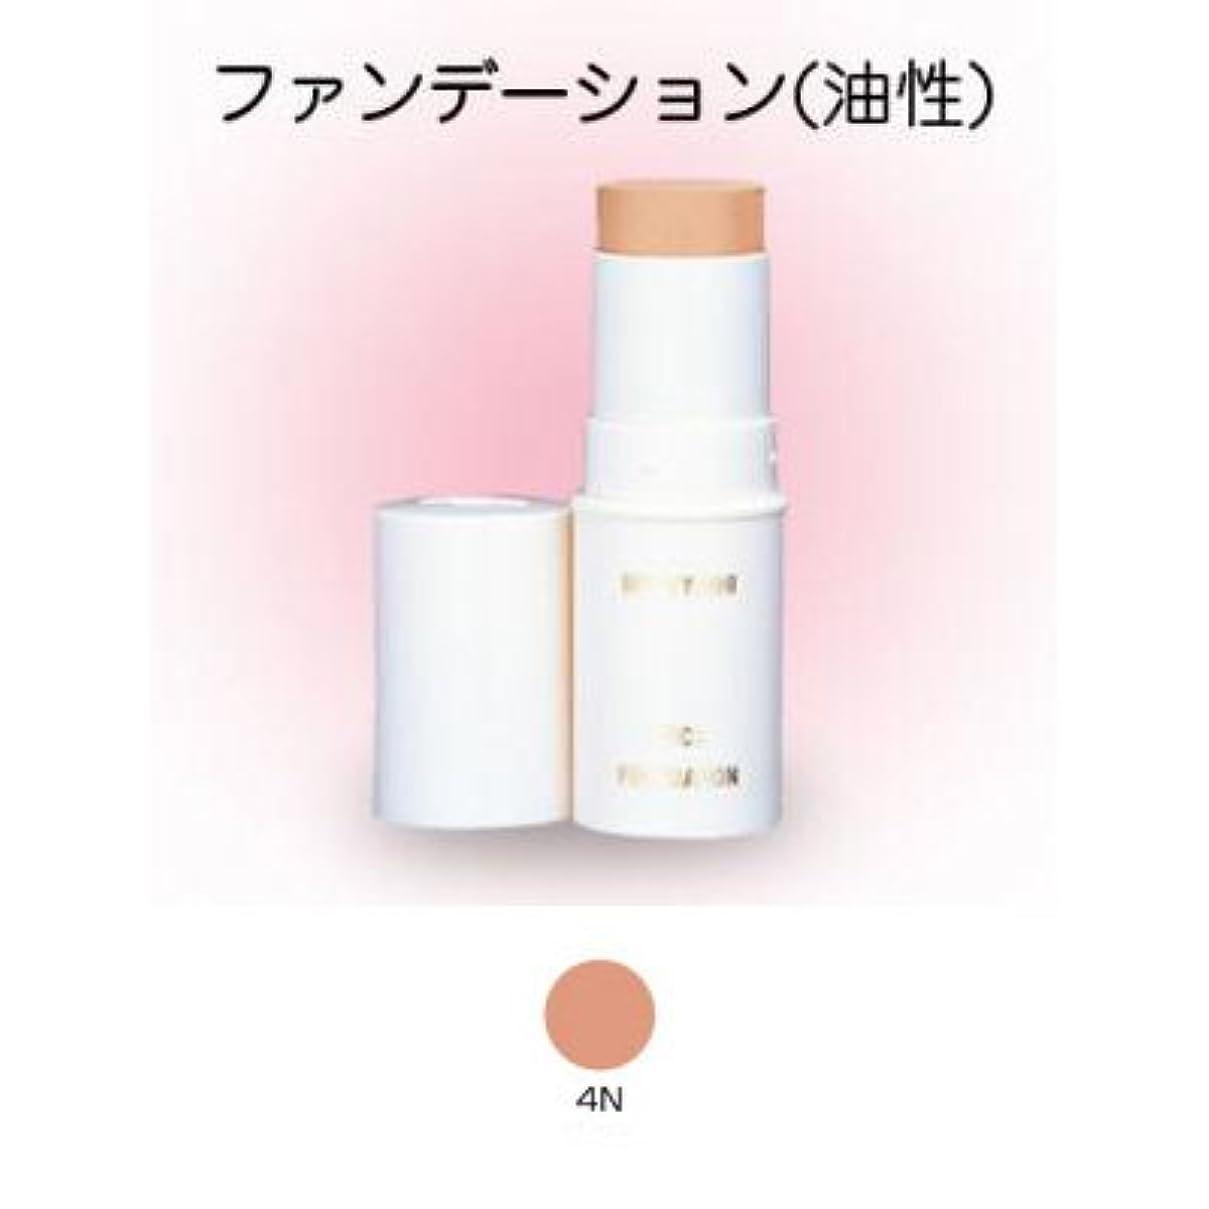 適応的プーノ回復するスティックファンデーション 16g 4N 【三善】